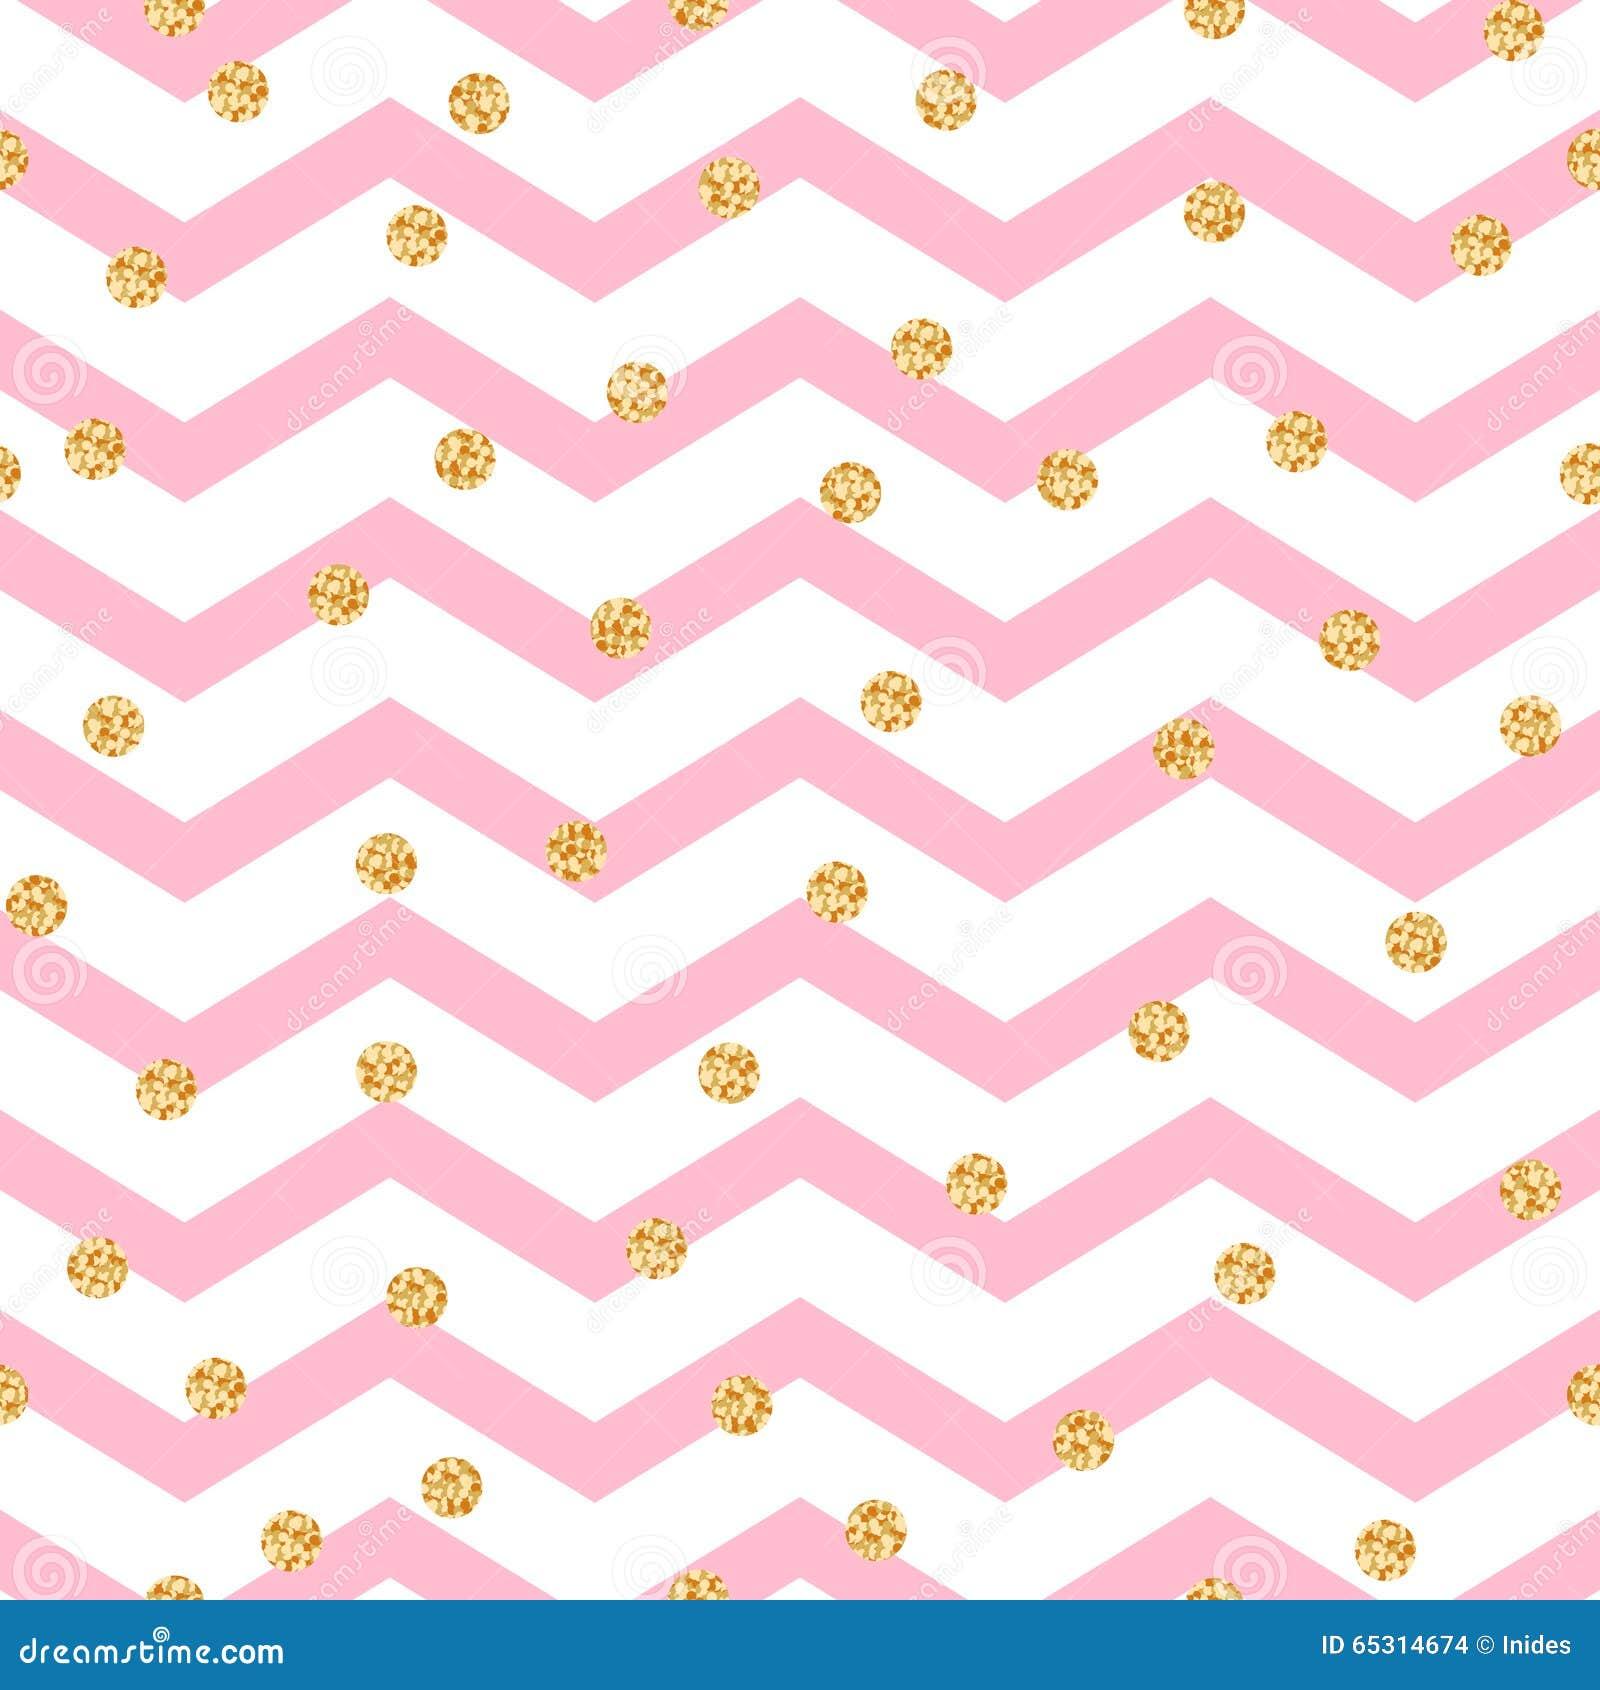 Chevron zigzag pink and white seamless pattern